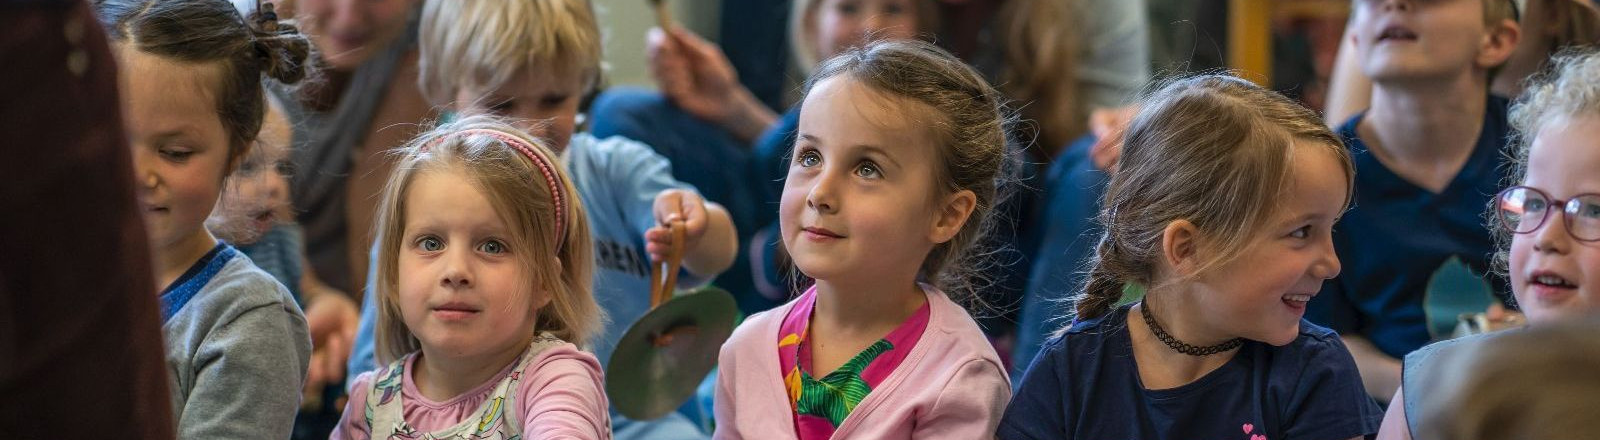 Tag der offenen Tür - Mitmachaktion für Kinder